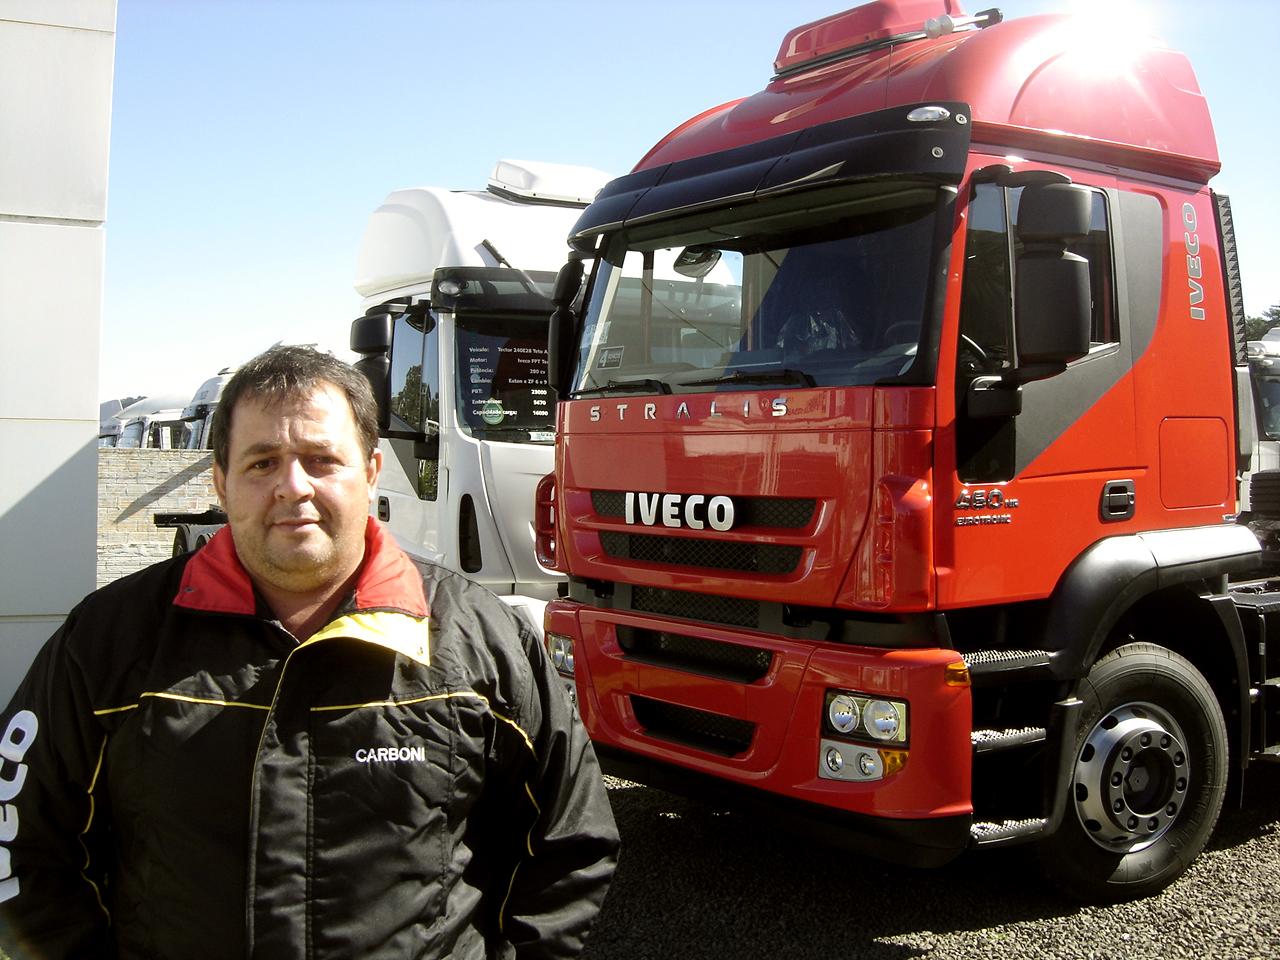 Transportes Fortaleza adquire mais um Iveco Stralis e completa seis caminhões na sua frota 100% Iveco Fotos%2520entrega%2520stralis%2520transp%2520fortaleza%2520 %252031 05 2012%2520001